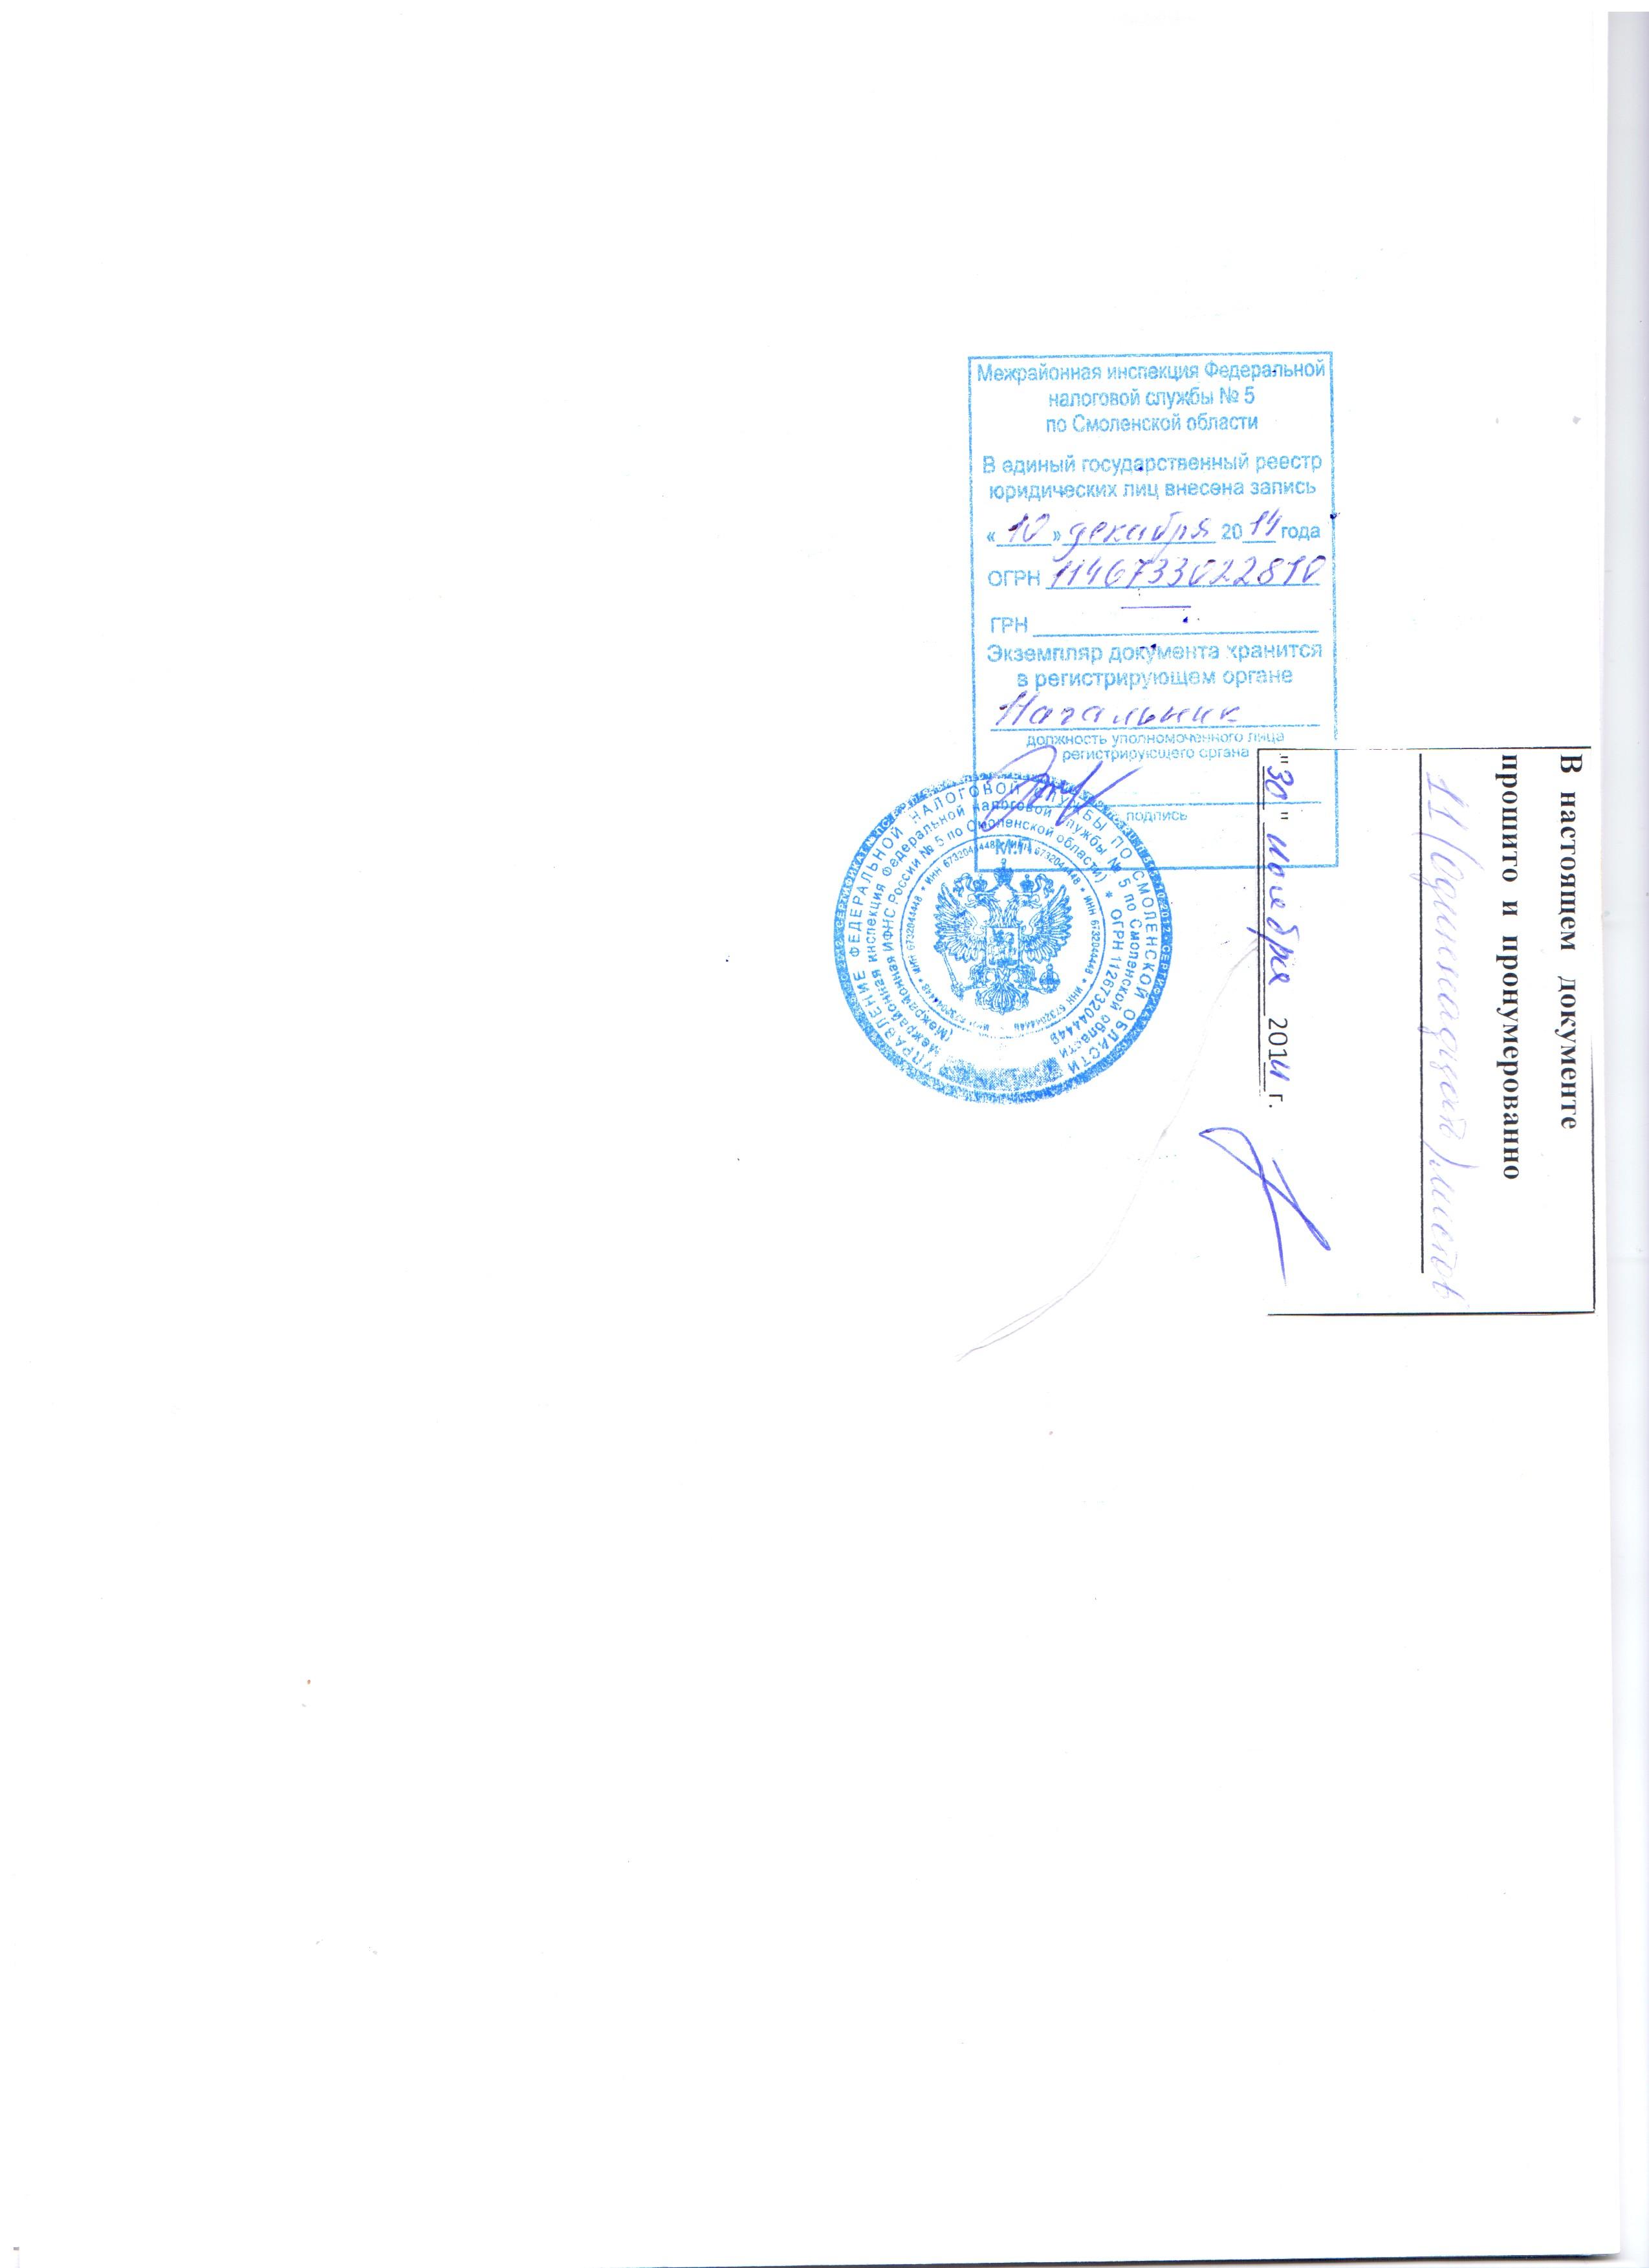 Как сшивать документы для налоговой по требованию: заверка бумаг 22